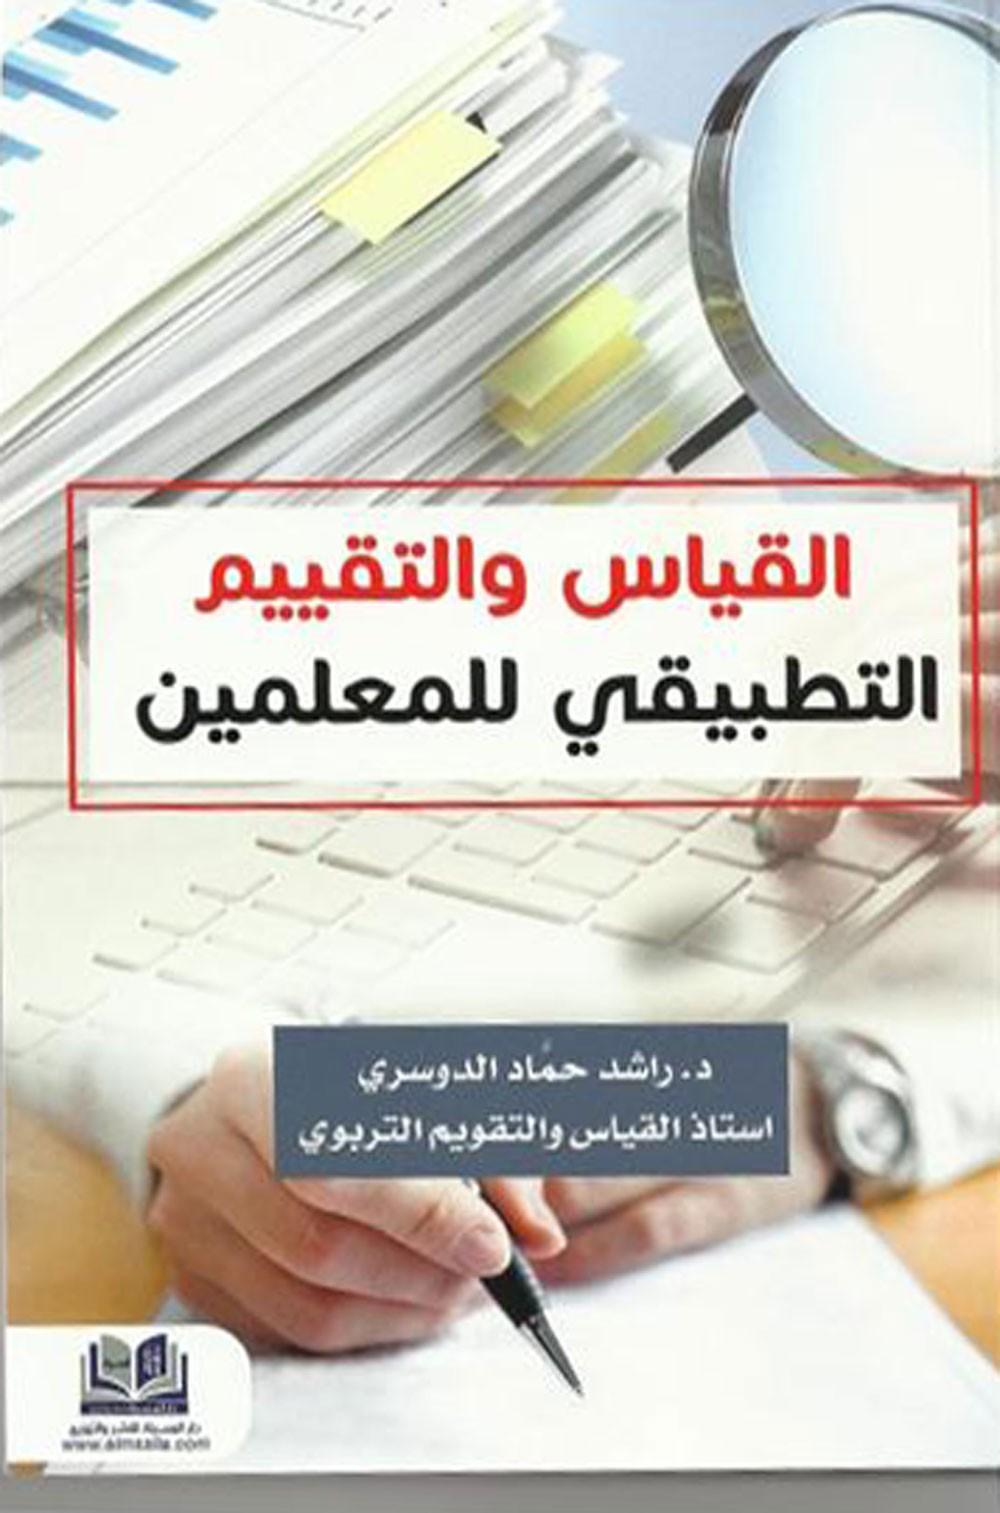 إصدار كتاب القياس والتقييم التطبيقي للمعلمين